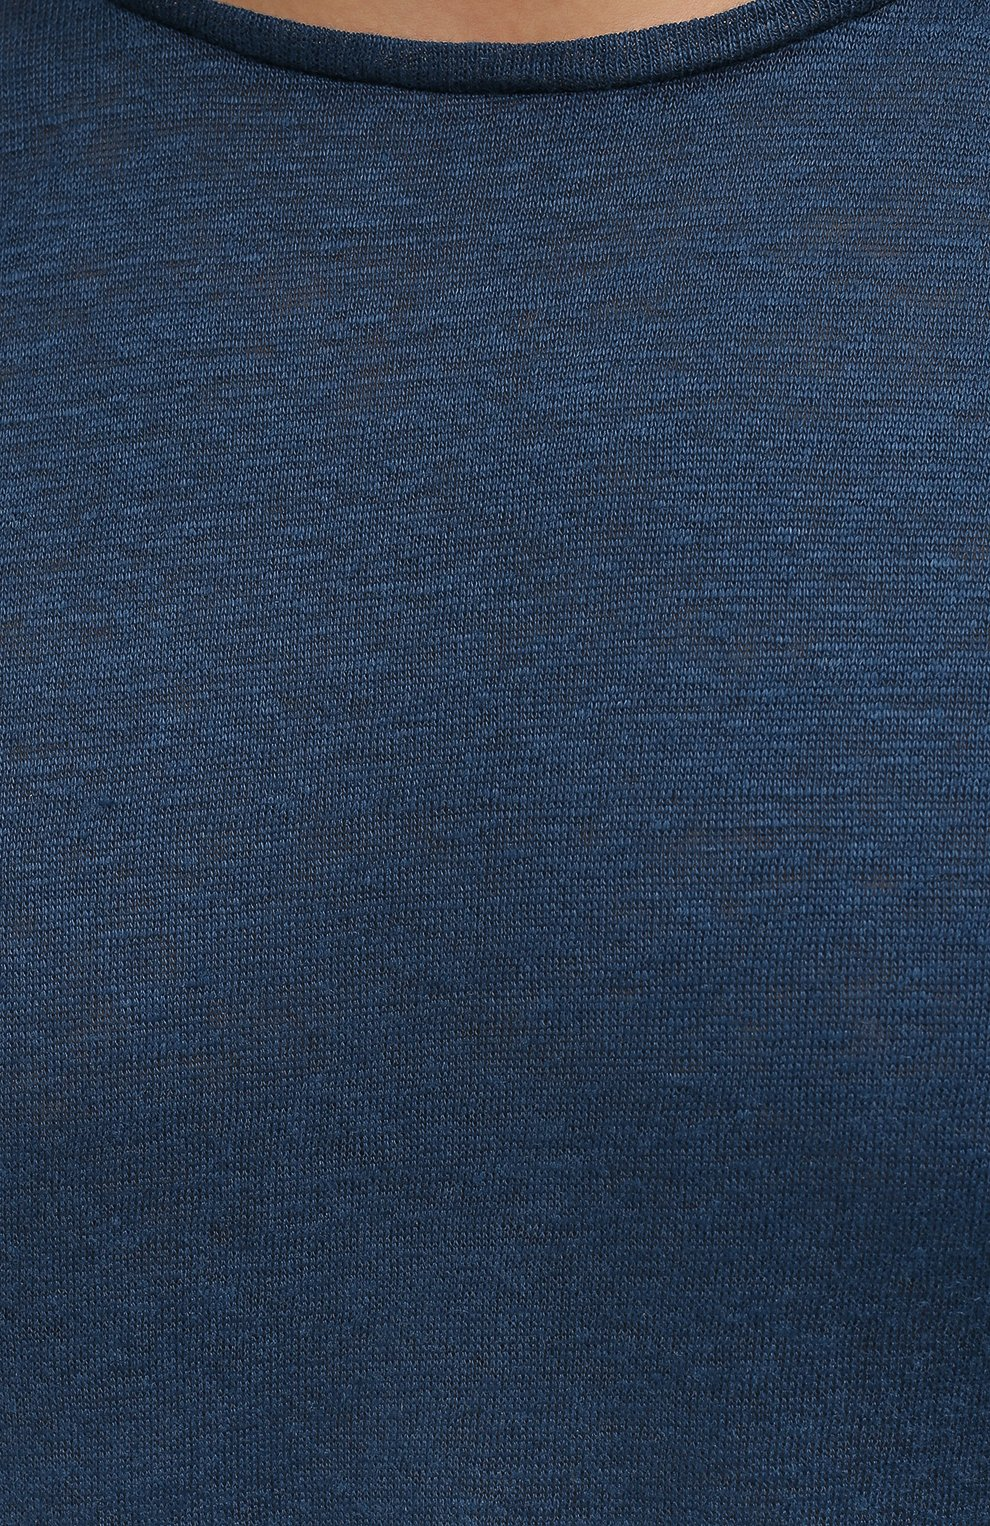 Мужская льняная футболка ORLEBAR BROWN темно-синего цвета, арт. 273700   Фото 5 (Кросс-КТ: Пляж; Принт: Без принта; Рукава: Короткие; Длина (для топов): Стандартные; Материал внешний: Лен; Стили: Кэжуэл)